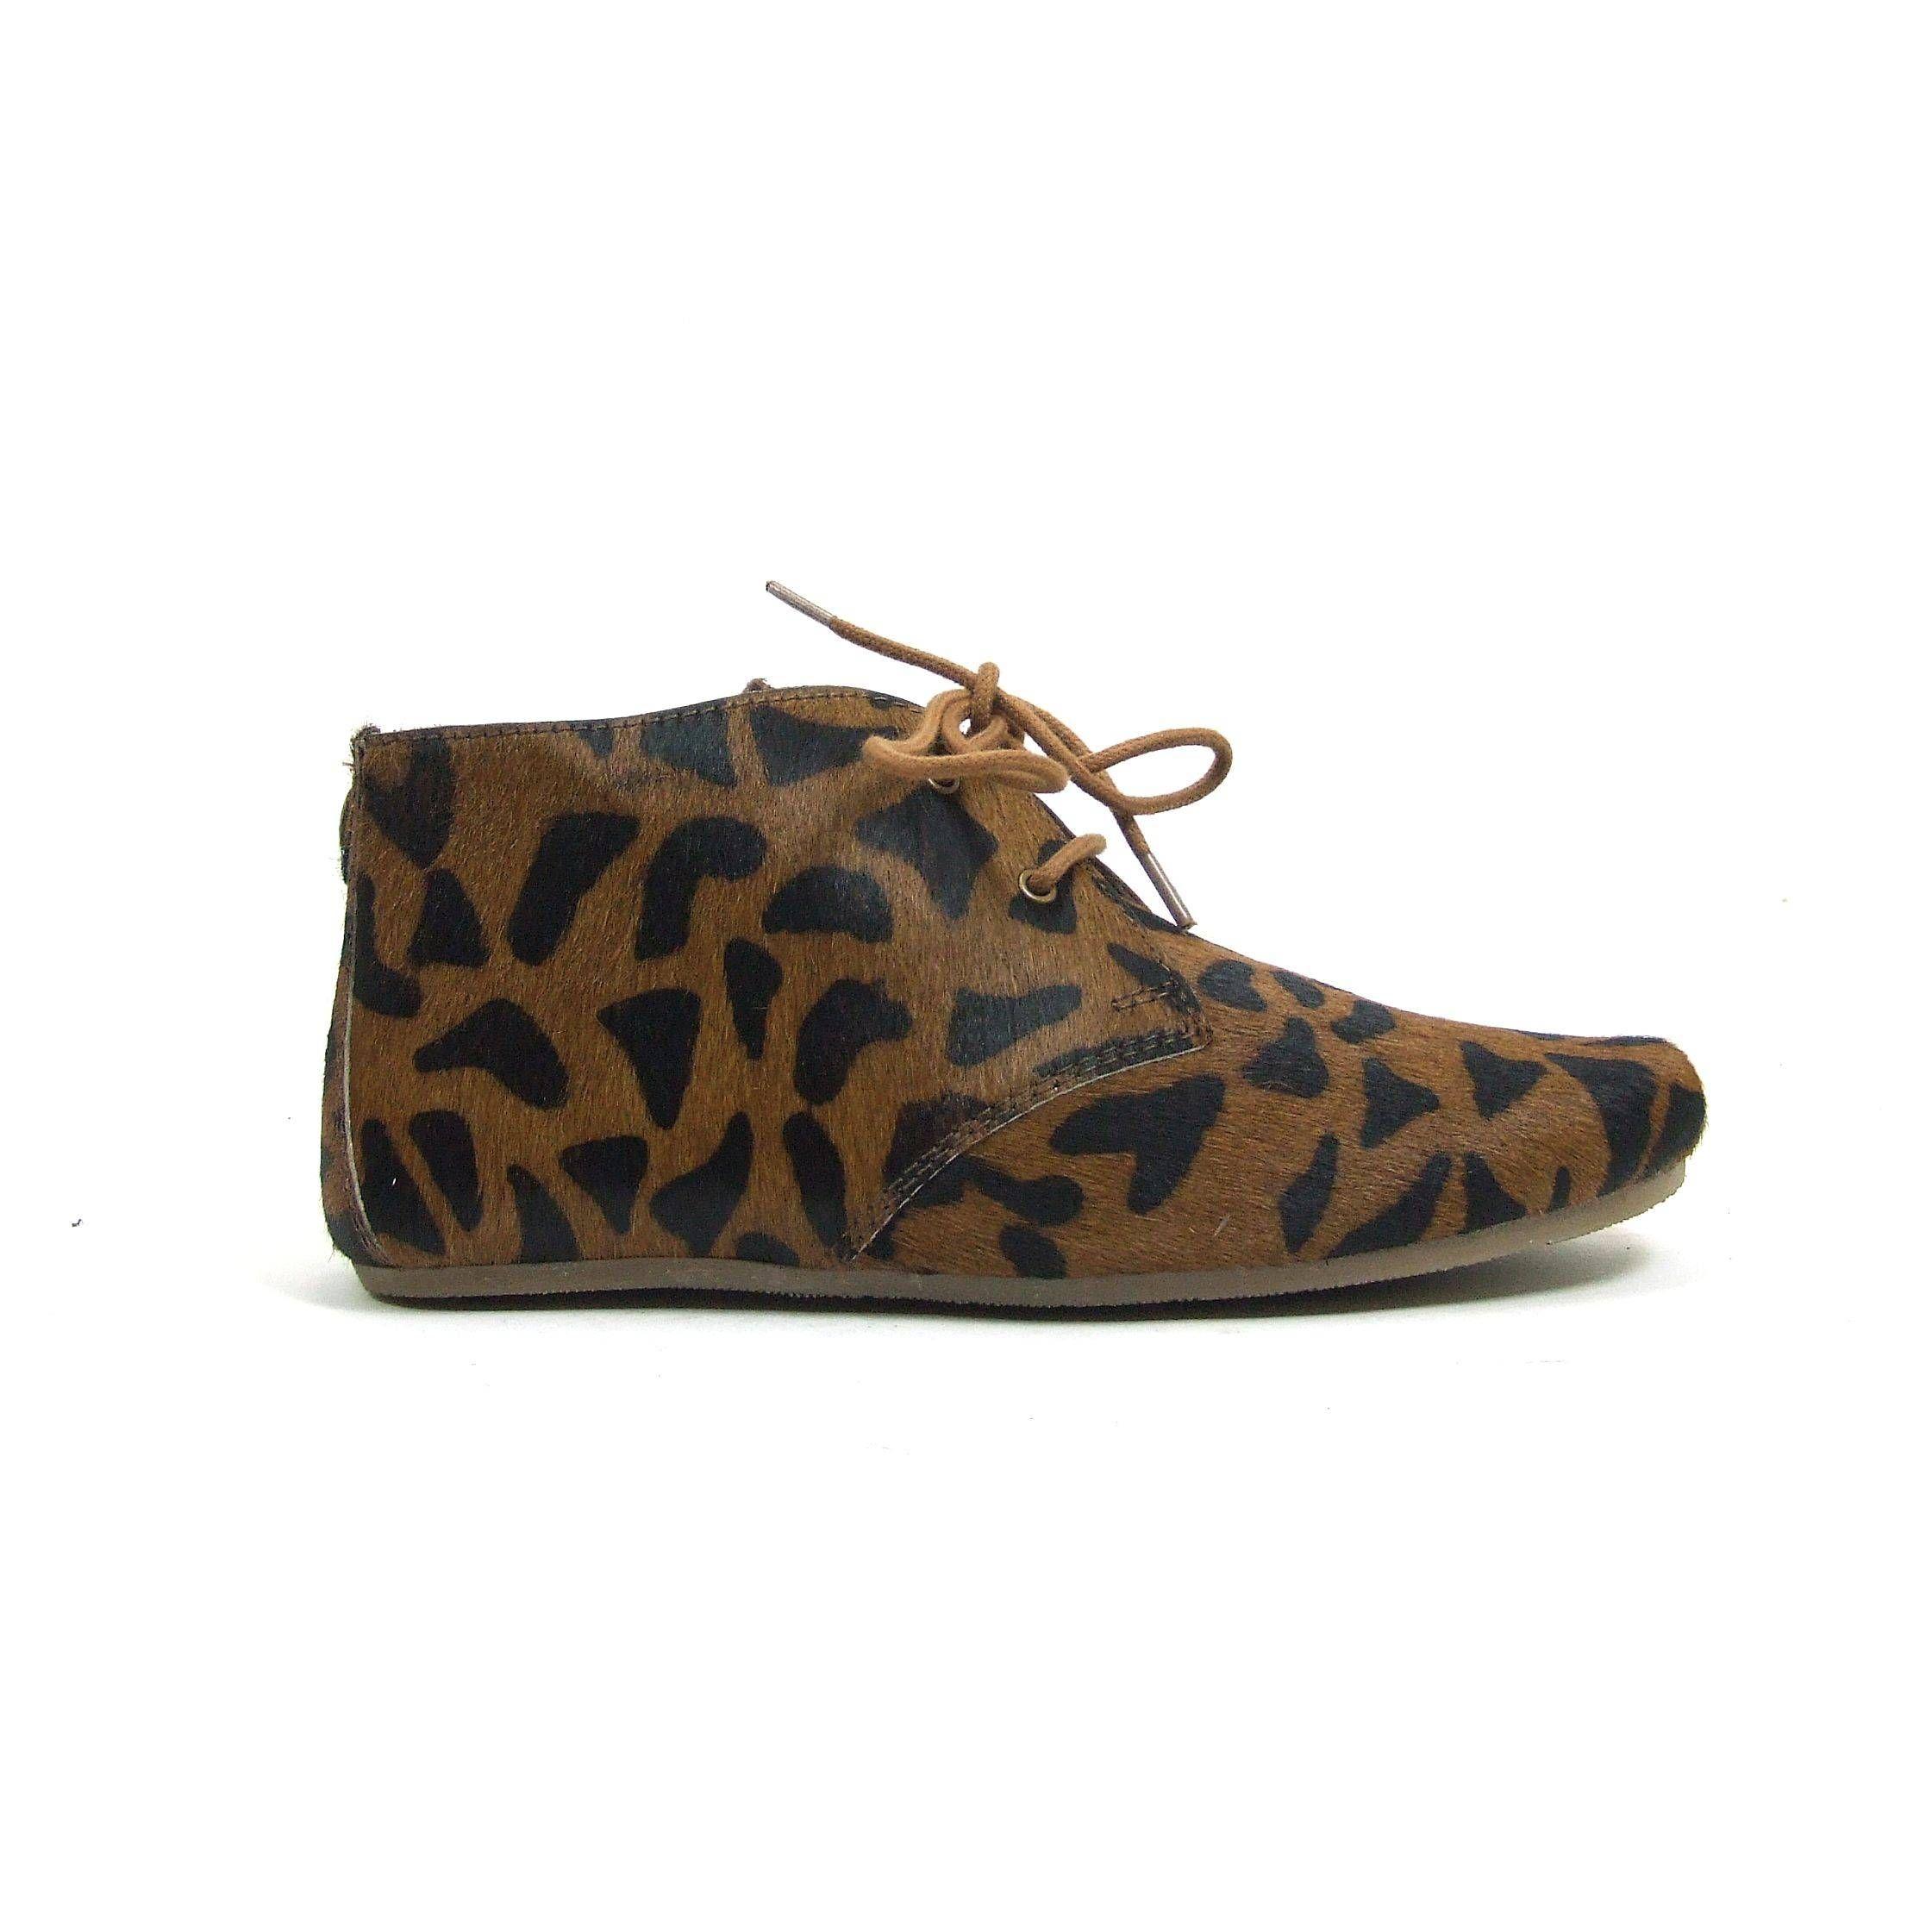 Maruti boot | damesschoen | Bruin combinatie bij Shoehoo